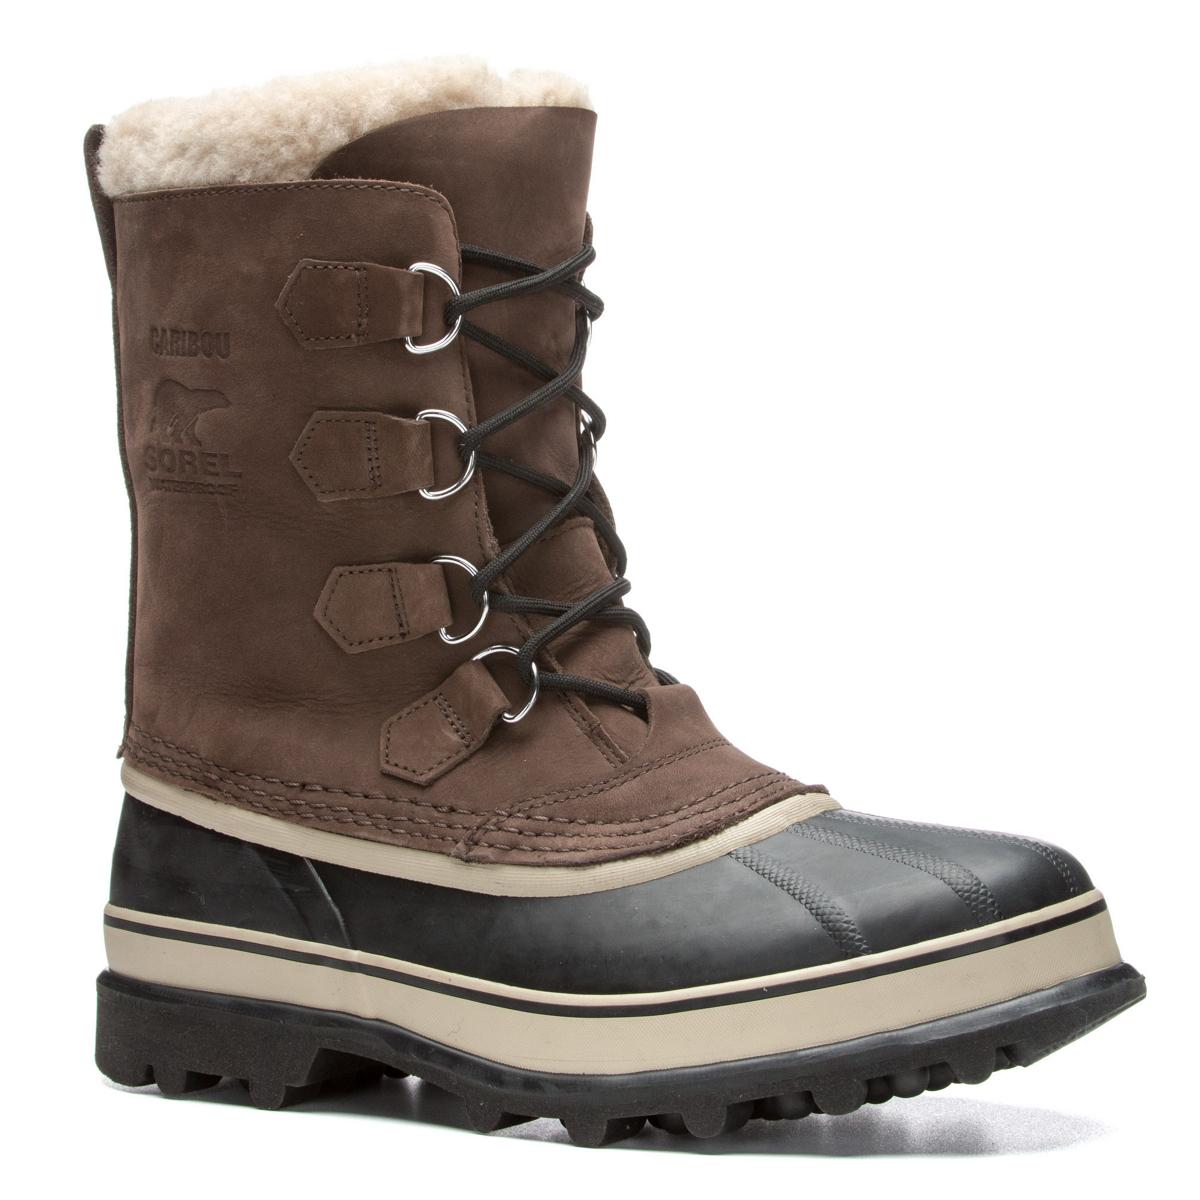 benvenuto a comprare Sorel Caribou Marrone Winter Snow stivali donna Dimensione 8 8 8  vendita online sconto prezzo basso